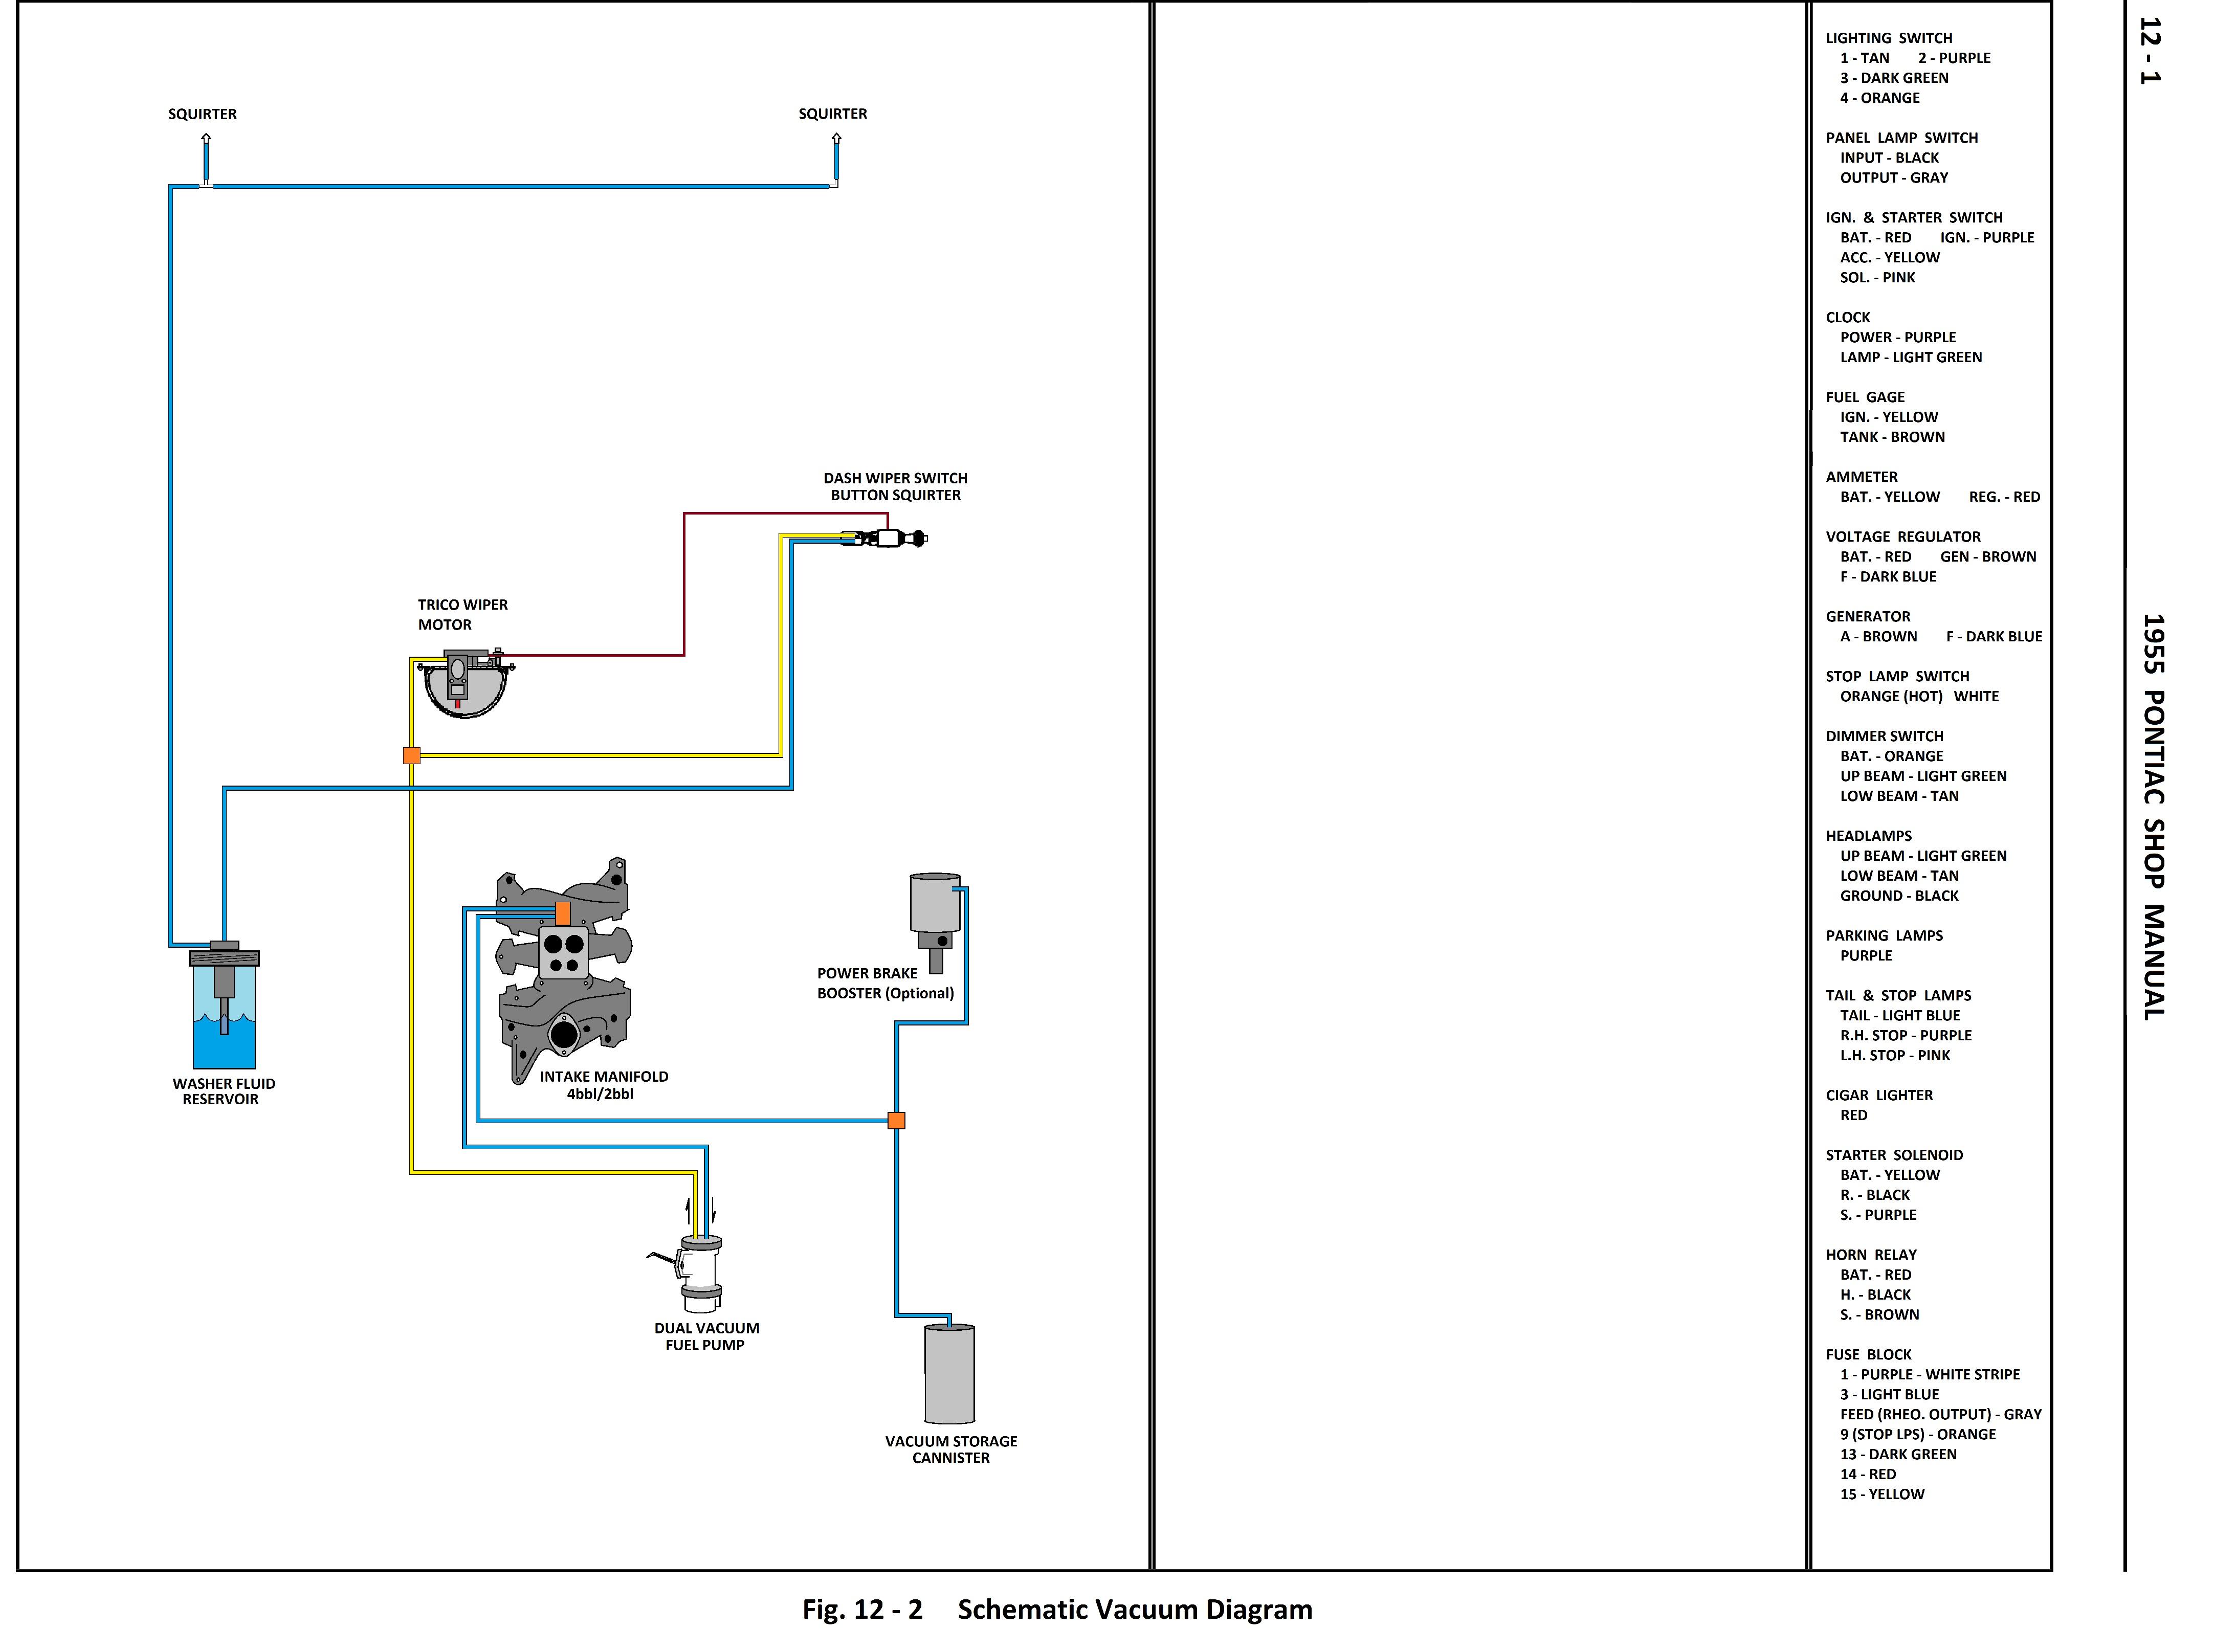 Diagram 1953 Pontiac Chieftain Wiring Diagram Full Version Hd Quality Wiring Diagram Gspotdiagram Agence Enigma Fr